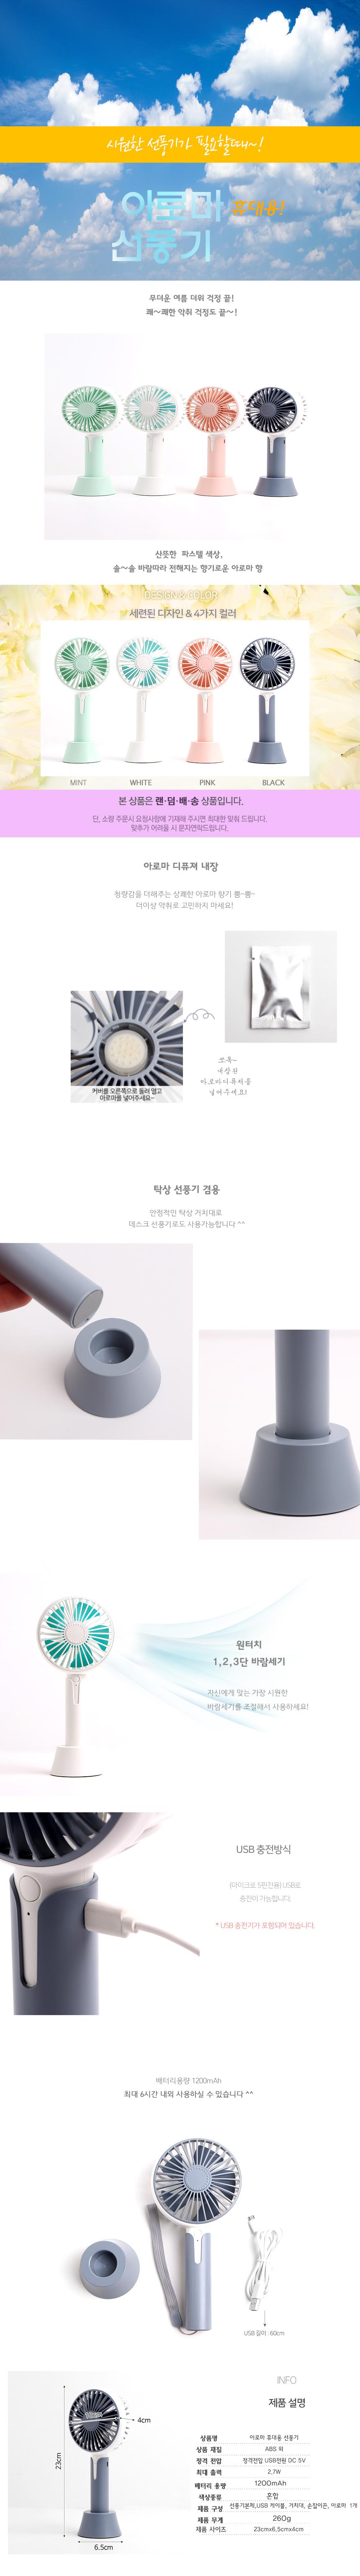 아로마 바람 휴대용 선풍기 - 기프트갓, 18,020원, USB 계절가전, 선풍기